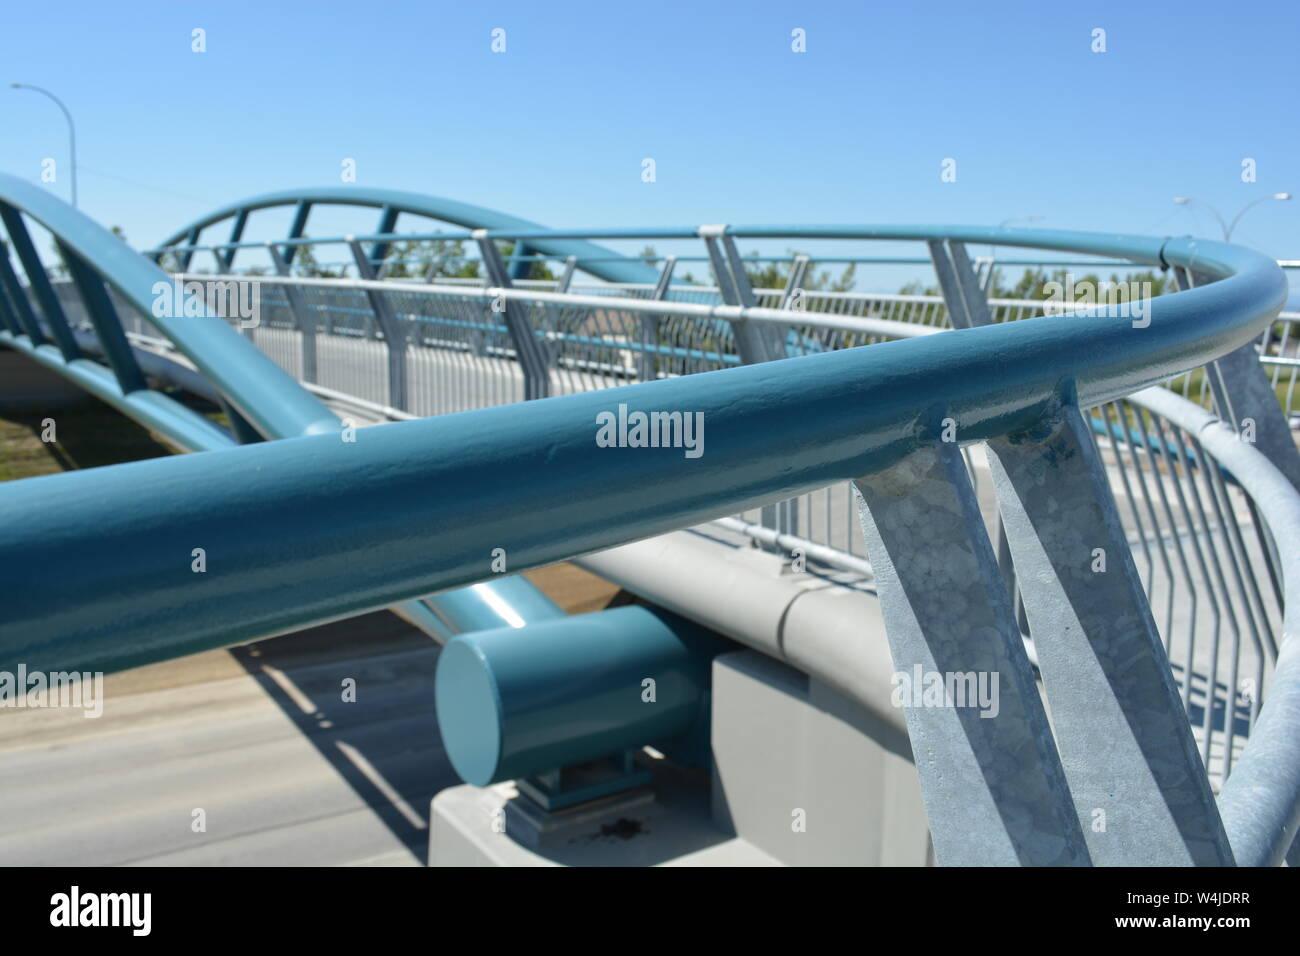 Handrail of pedestrian bridge over highway. Stock Photo